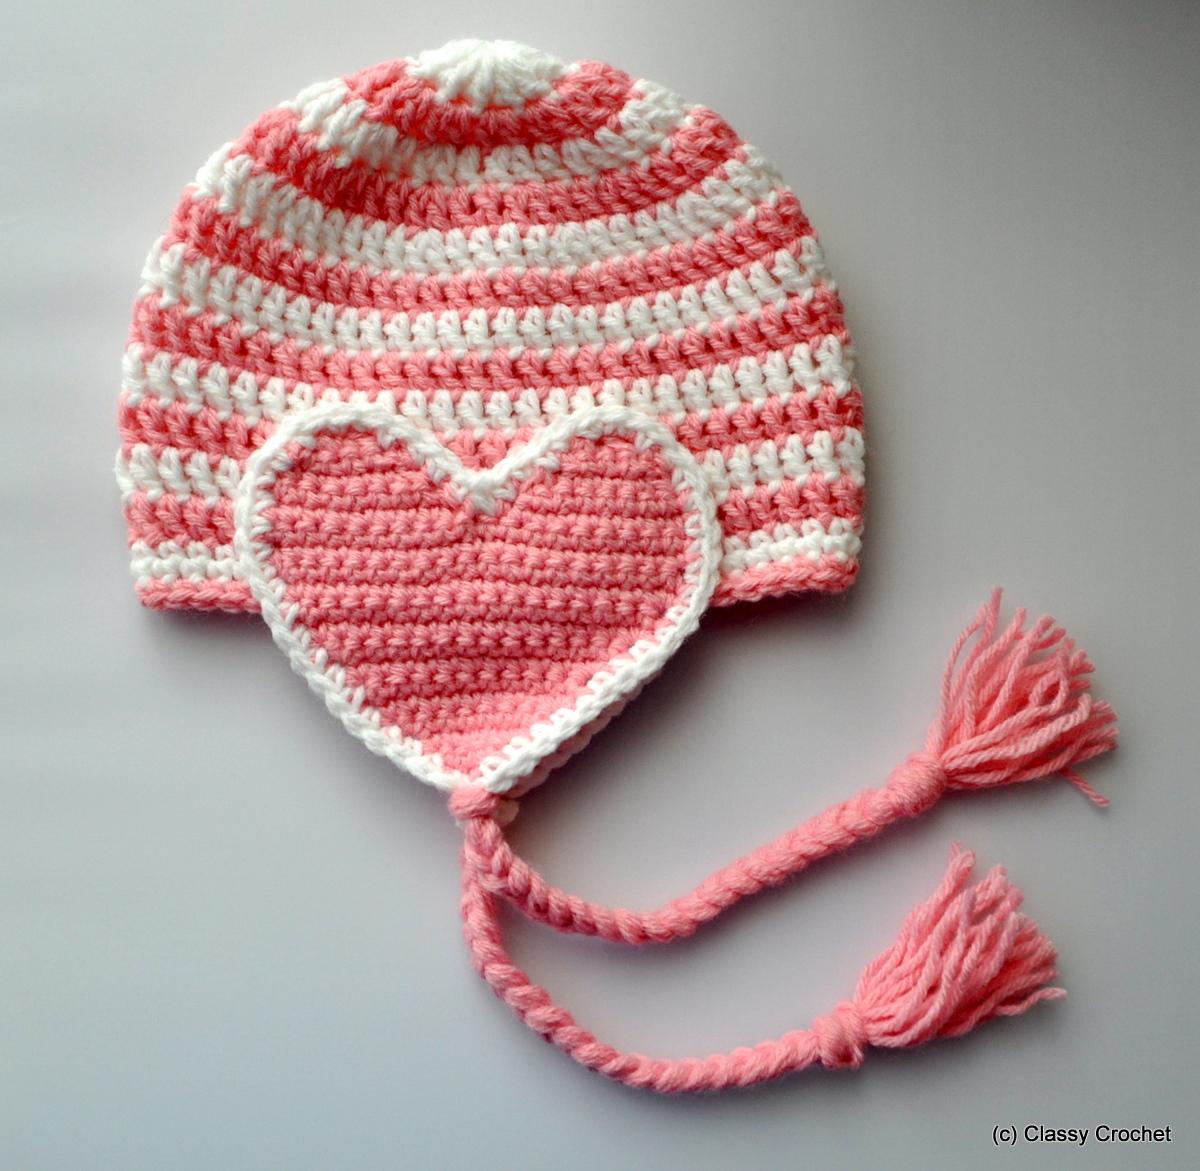 Free Pattern Crochet Valentine Heart Earflap Hat